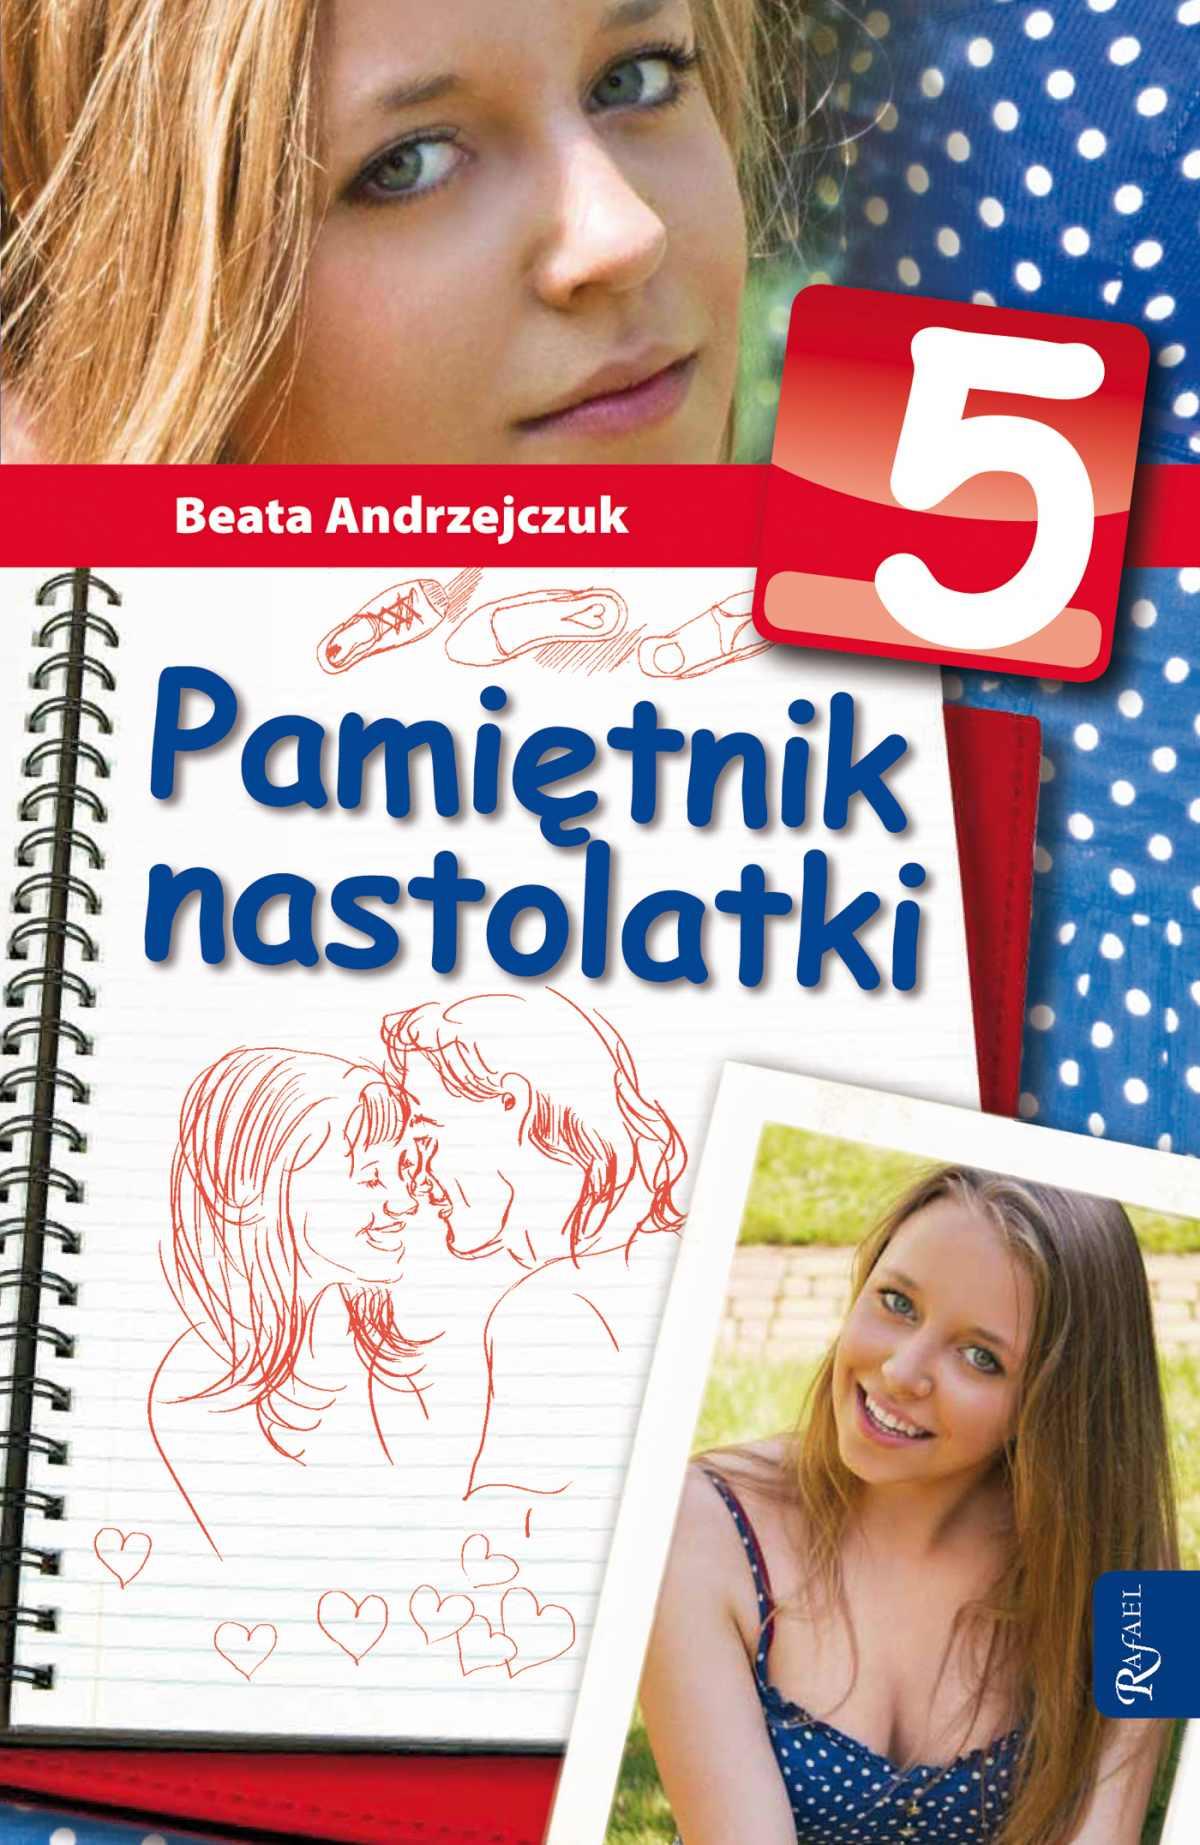 Pamiętnik nastolatki 5 - Ebook (Książka EPUB) do pobrania w formacie EPUB